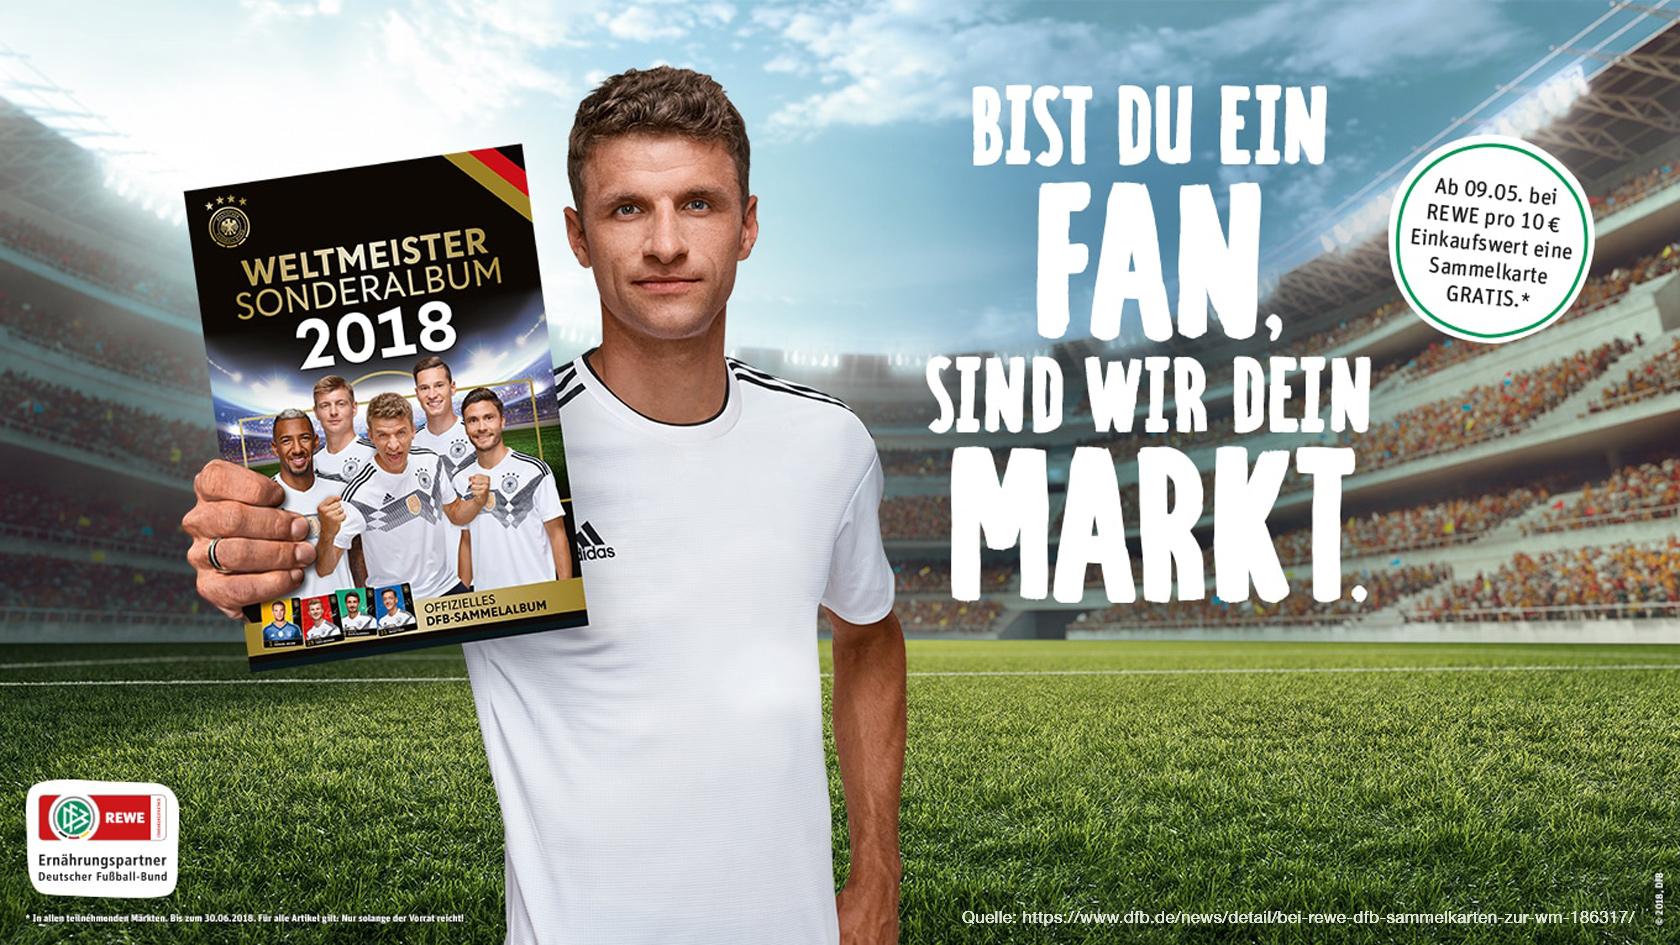 Deutscher Fußball-Bund E.V. (DFB) - Kunde der TIEFENGRUND. GmbH